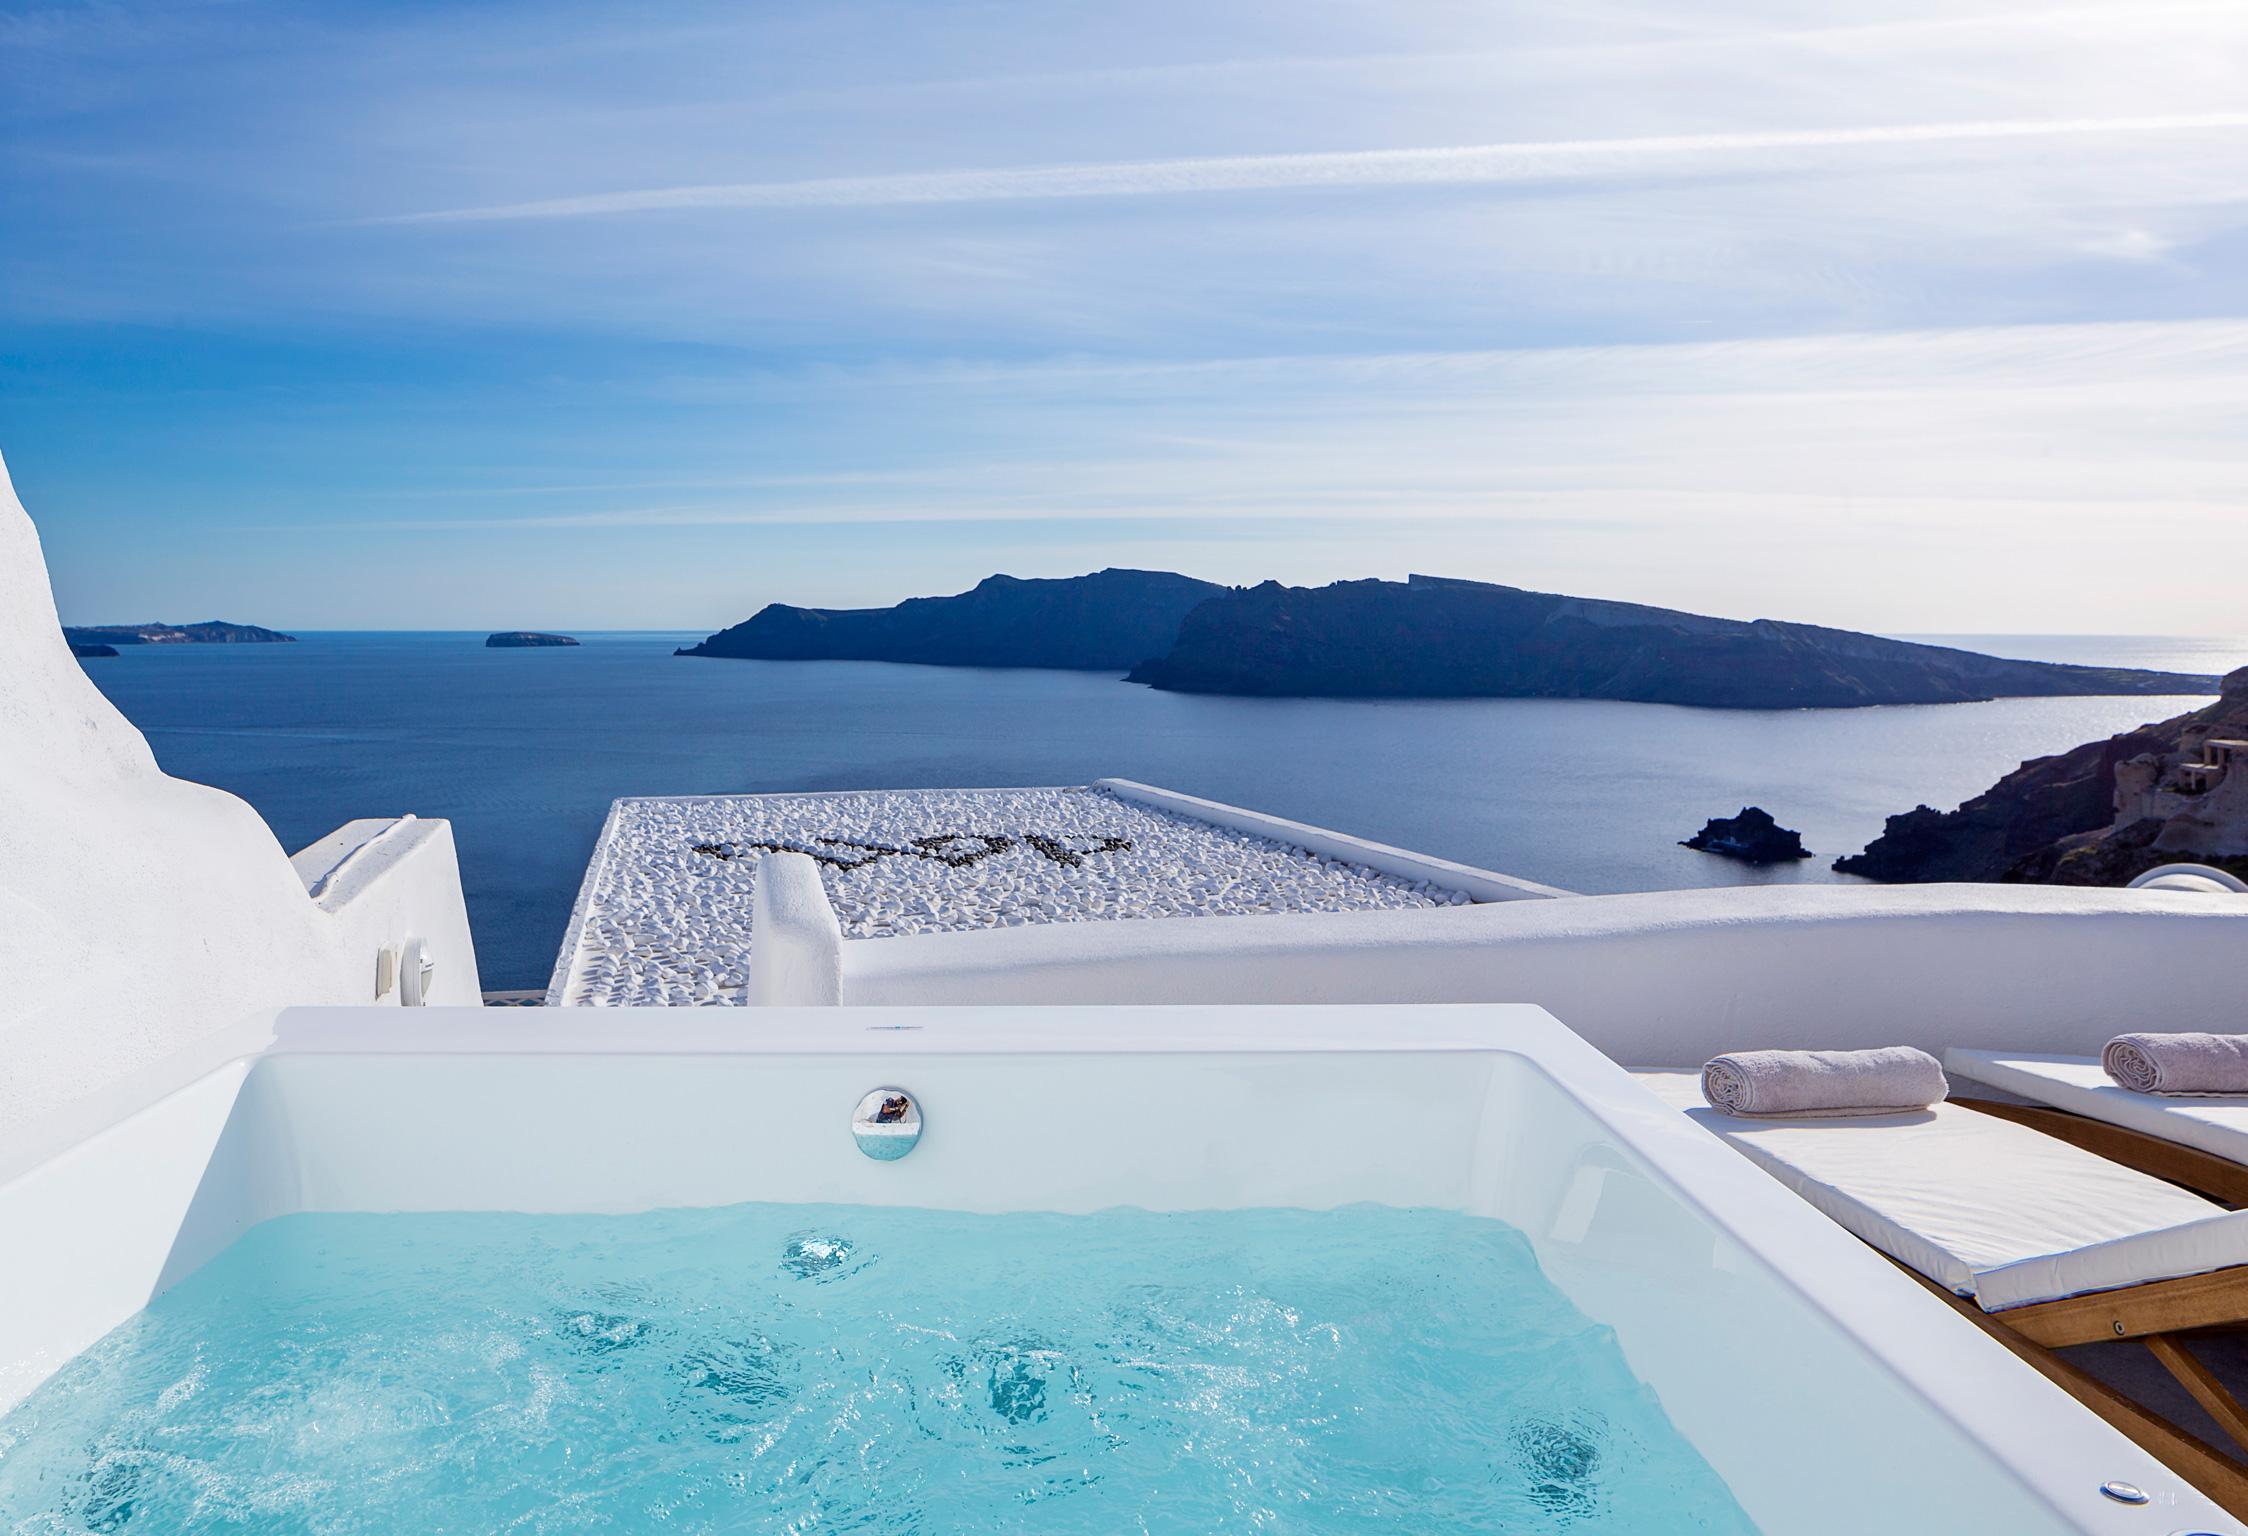 Santorini Villa Thais Aegean jumbotron image